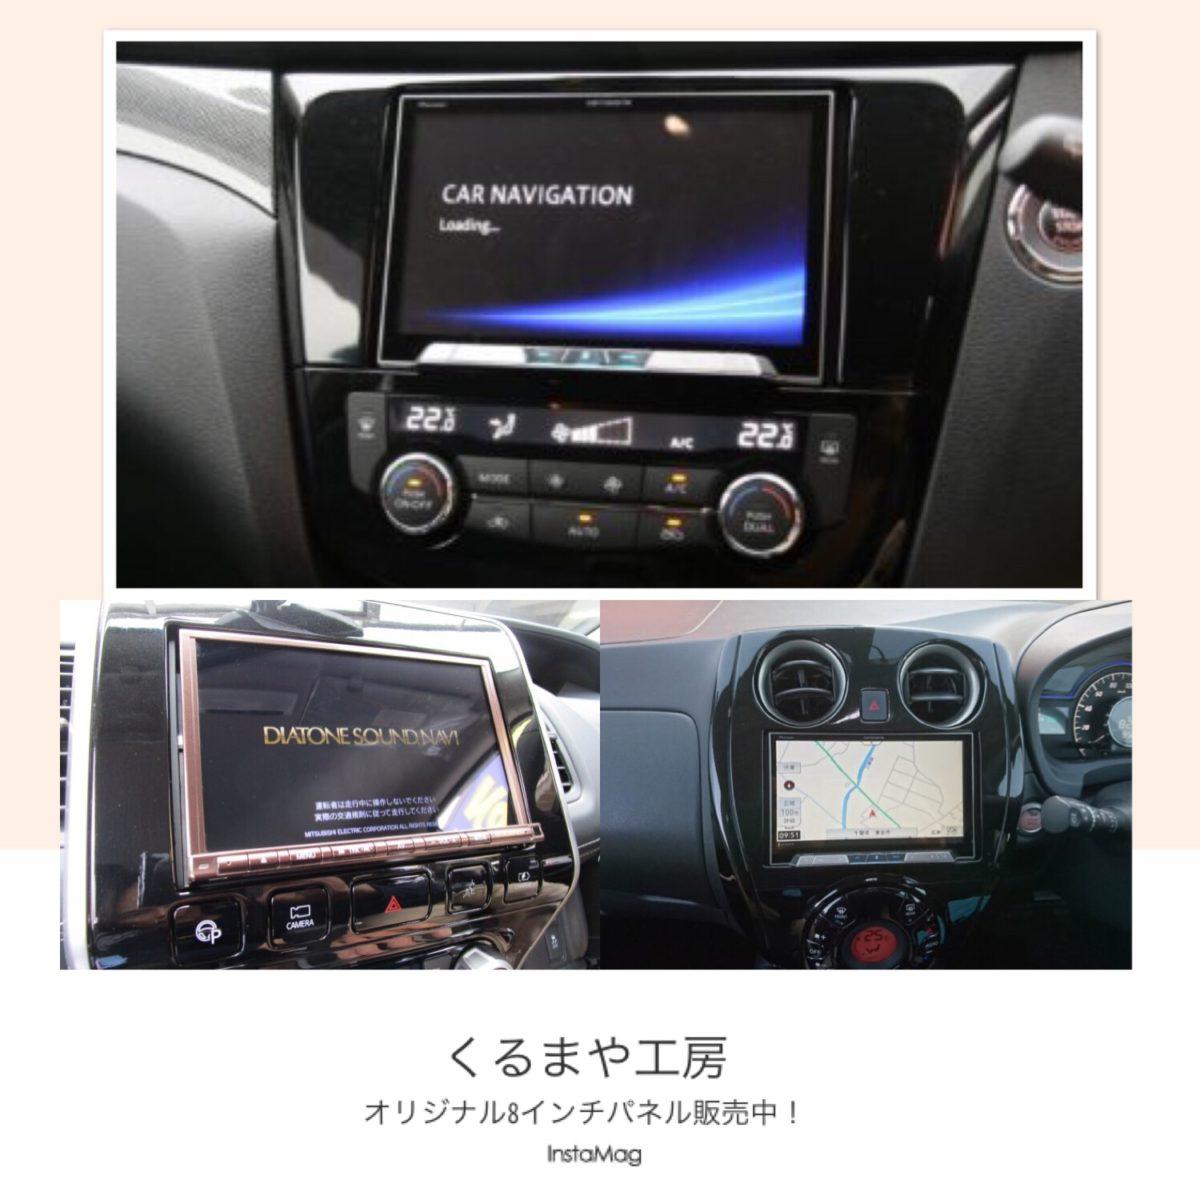 業販歓迎♪【T32エクストレイル・C27セレナe-power・E12ノート】8インチナビパネル販売中!